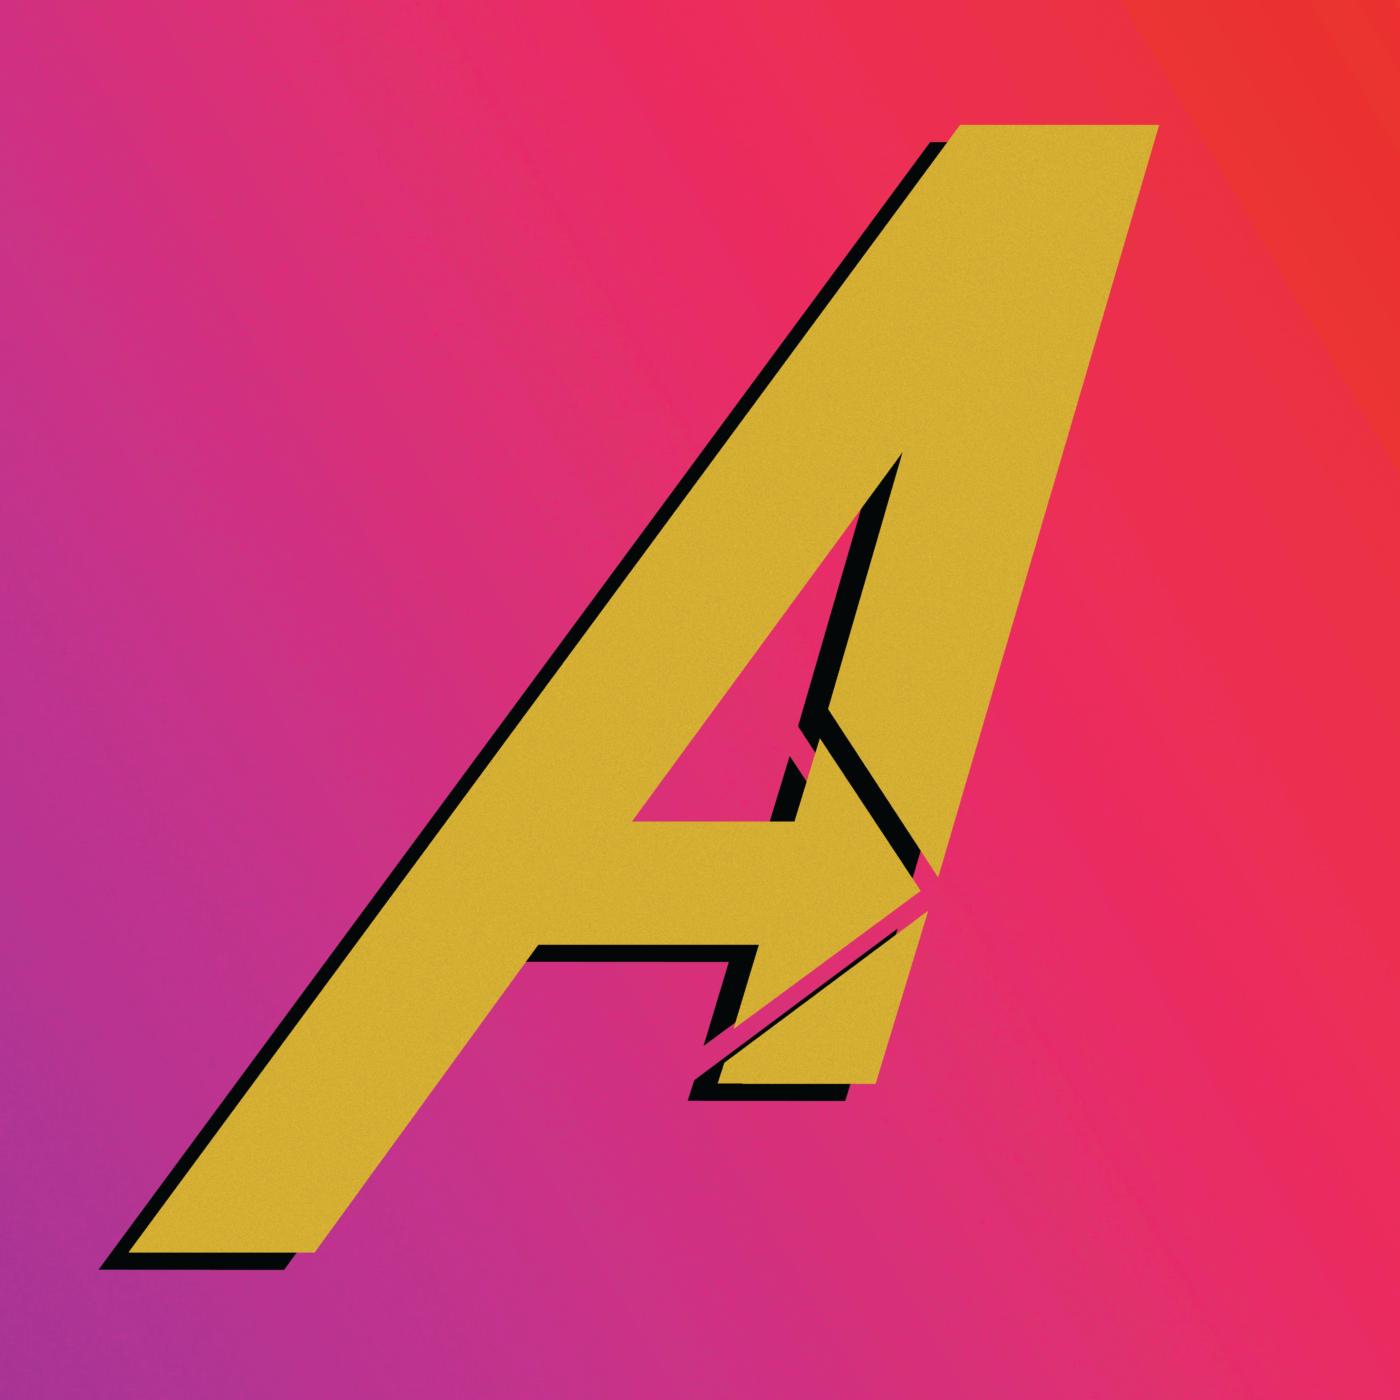 assemble_square